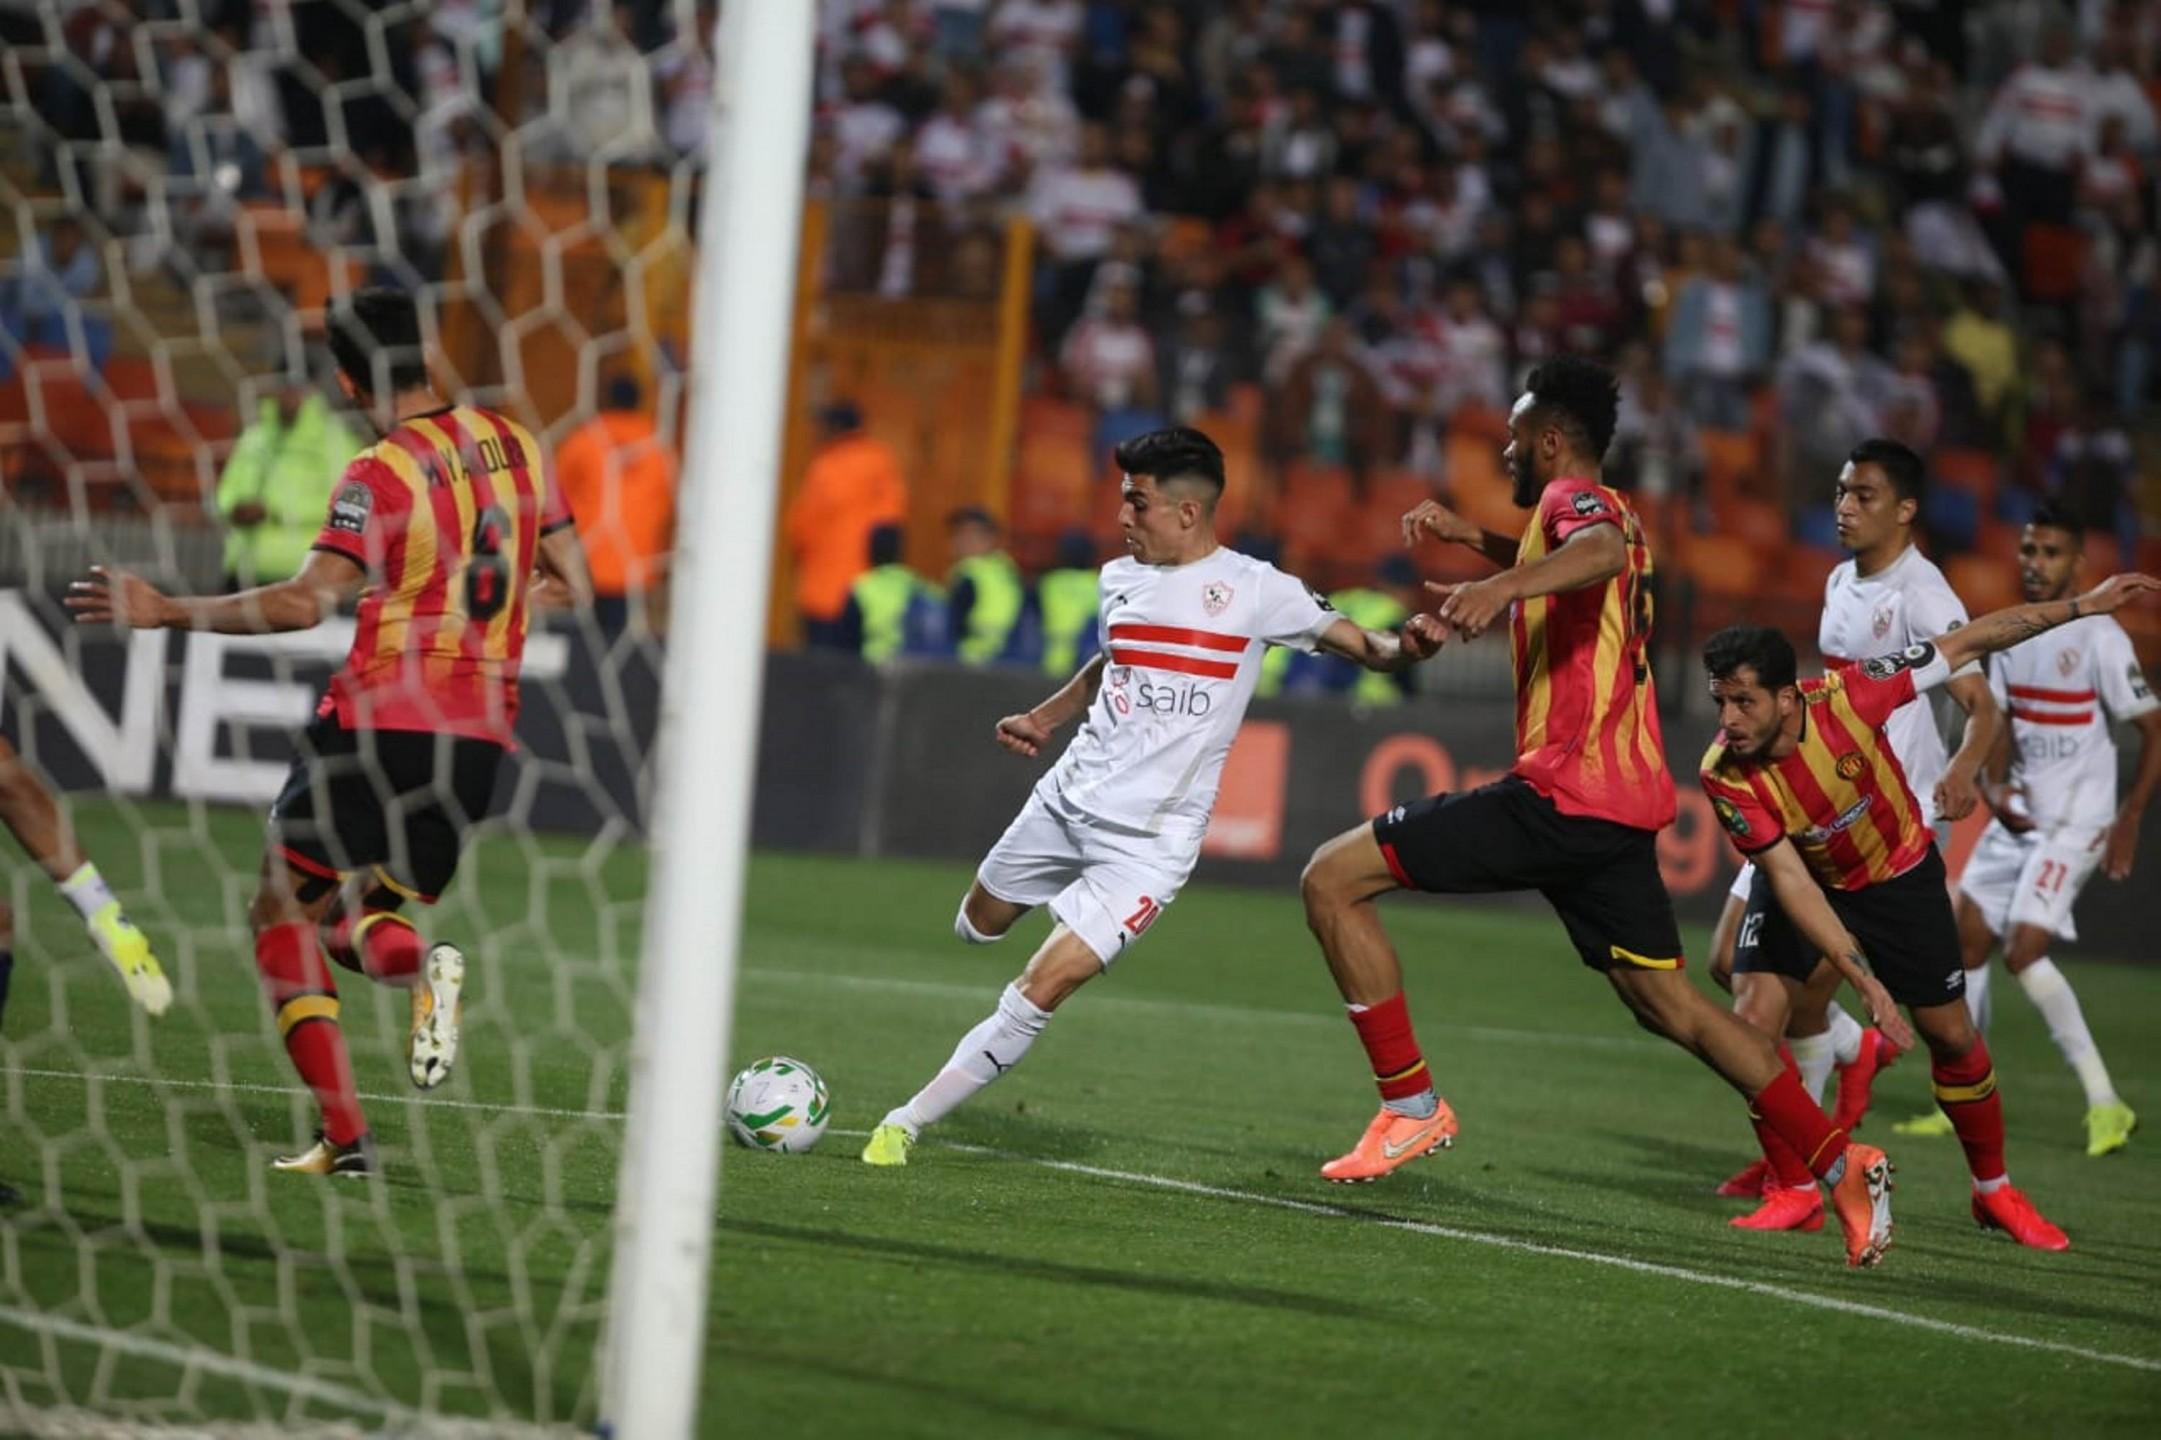 الزمالك يزيح الترجي ويتأهل لنصف نهائي دوري أبطال إفريقيا